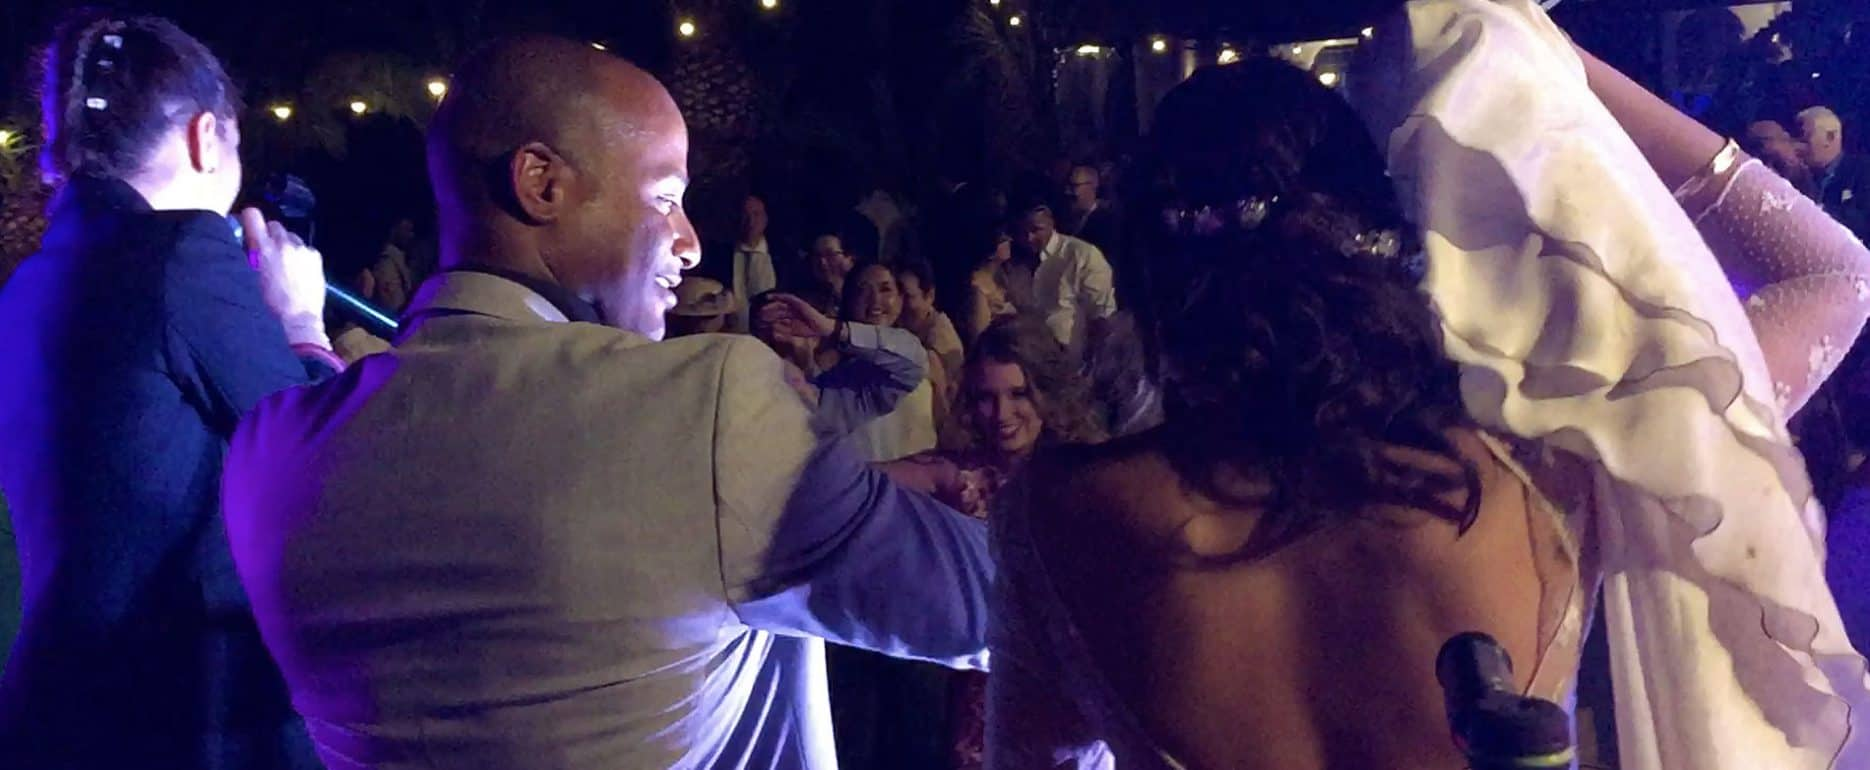 Grupo musical actuando en boda